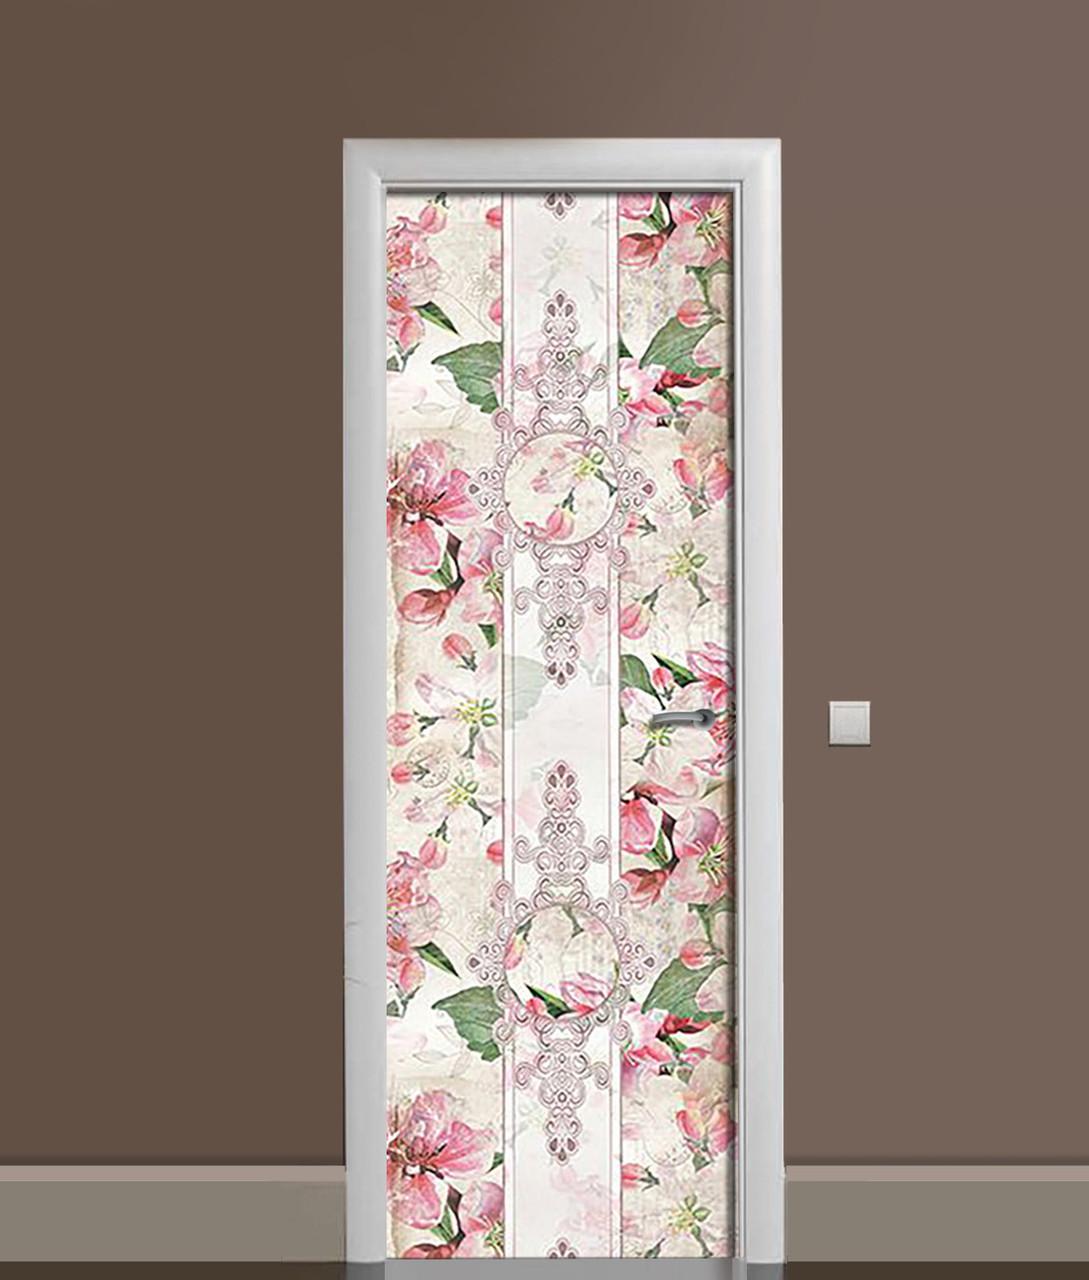 Виниловая 3Д наклейка на дверь ЦветыВинтажный орнамент самоклеющаяся пленка ПВХ узоры Розовый 650*2000 мм